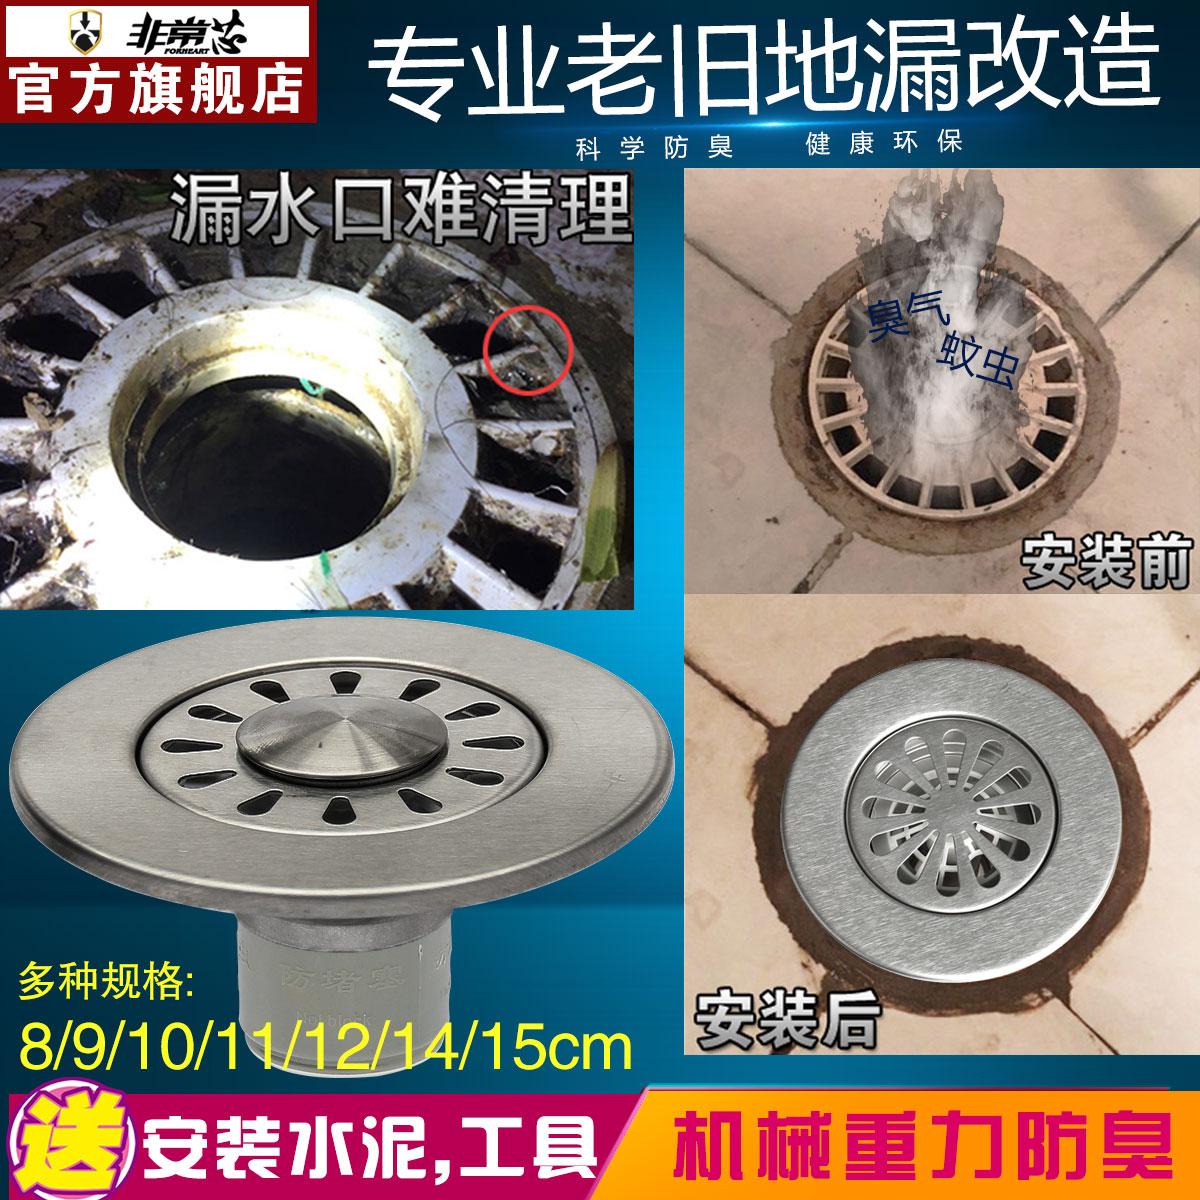 39.00元包邮非常芯地漏圆形不锈钢防臭老式改造9厘米8/11/12cm洗衣机110管40